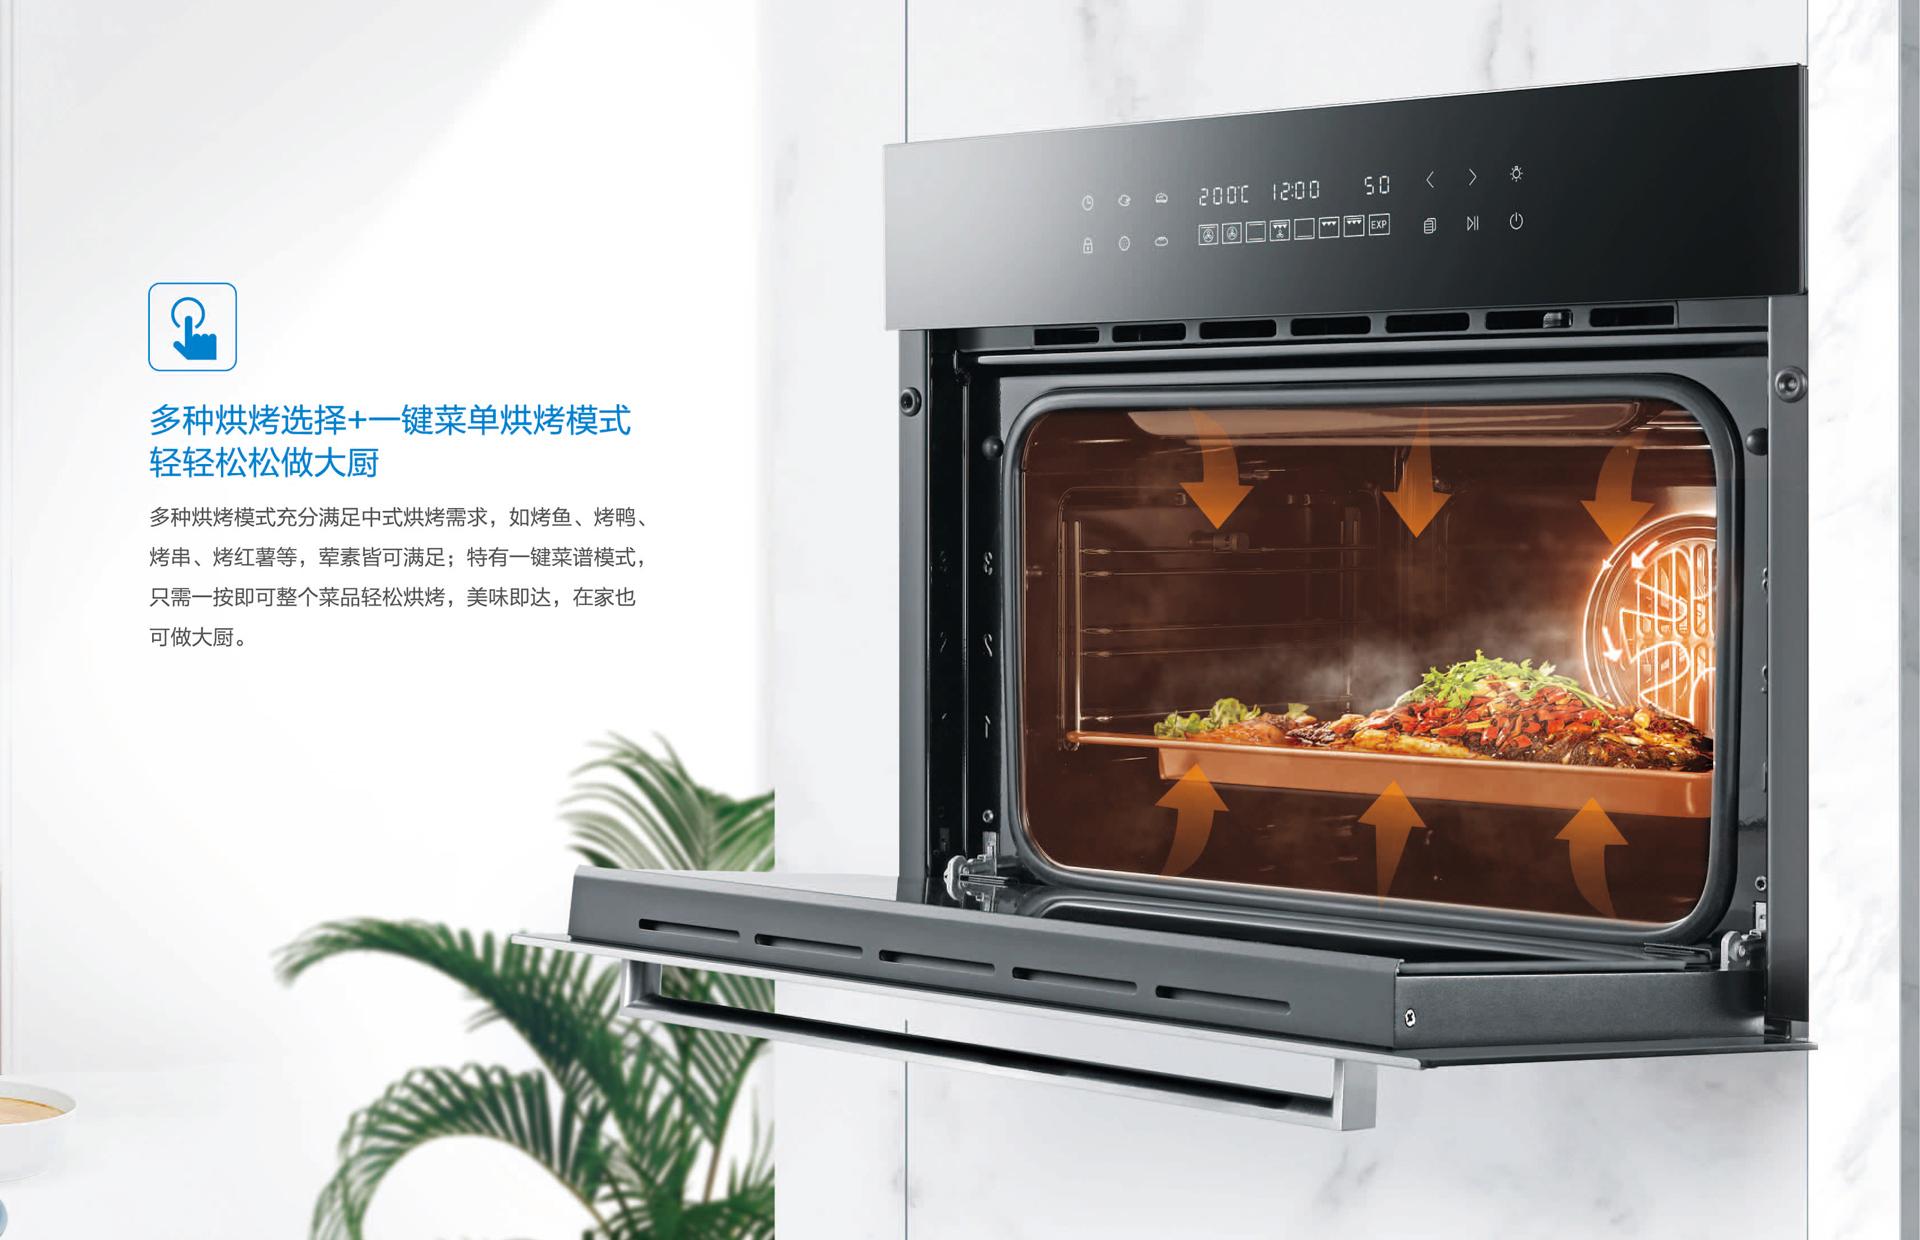 老板电器蒸烤经典系列-SQ229-RQ019册子-内页-7-8-改_02.jpg